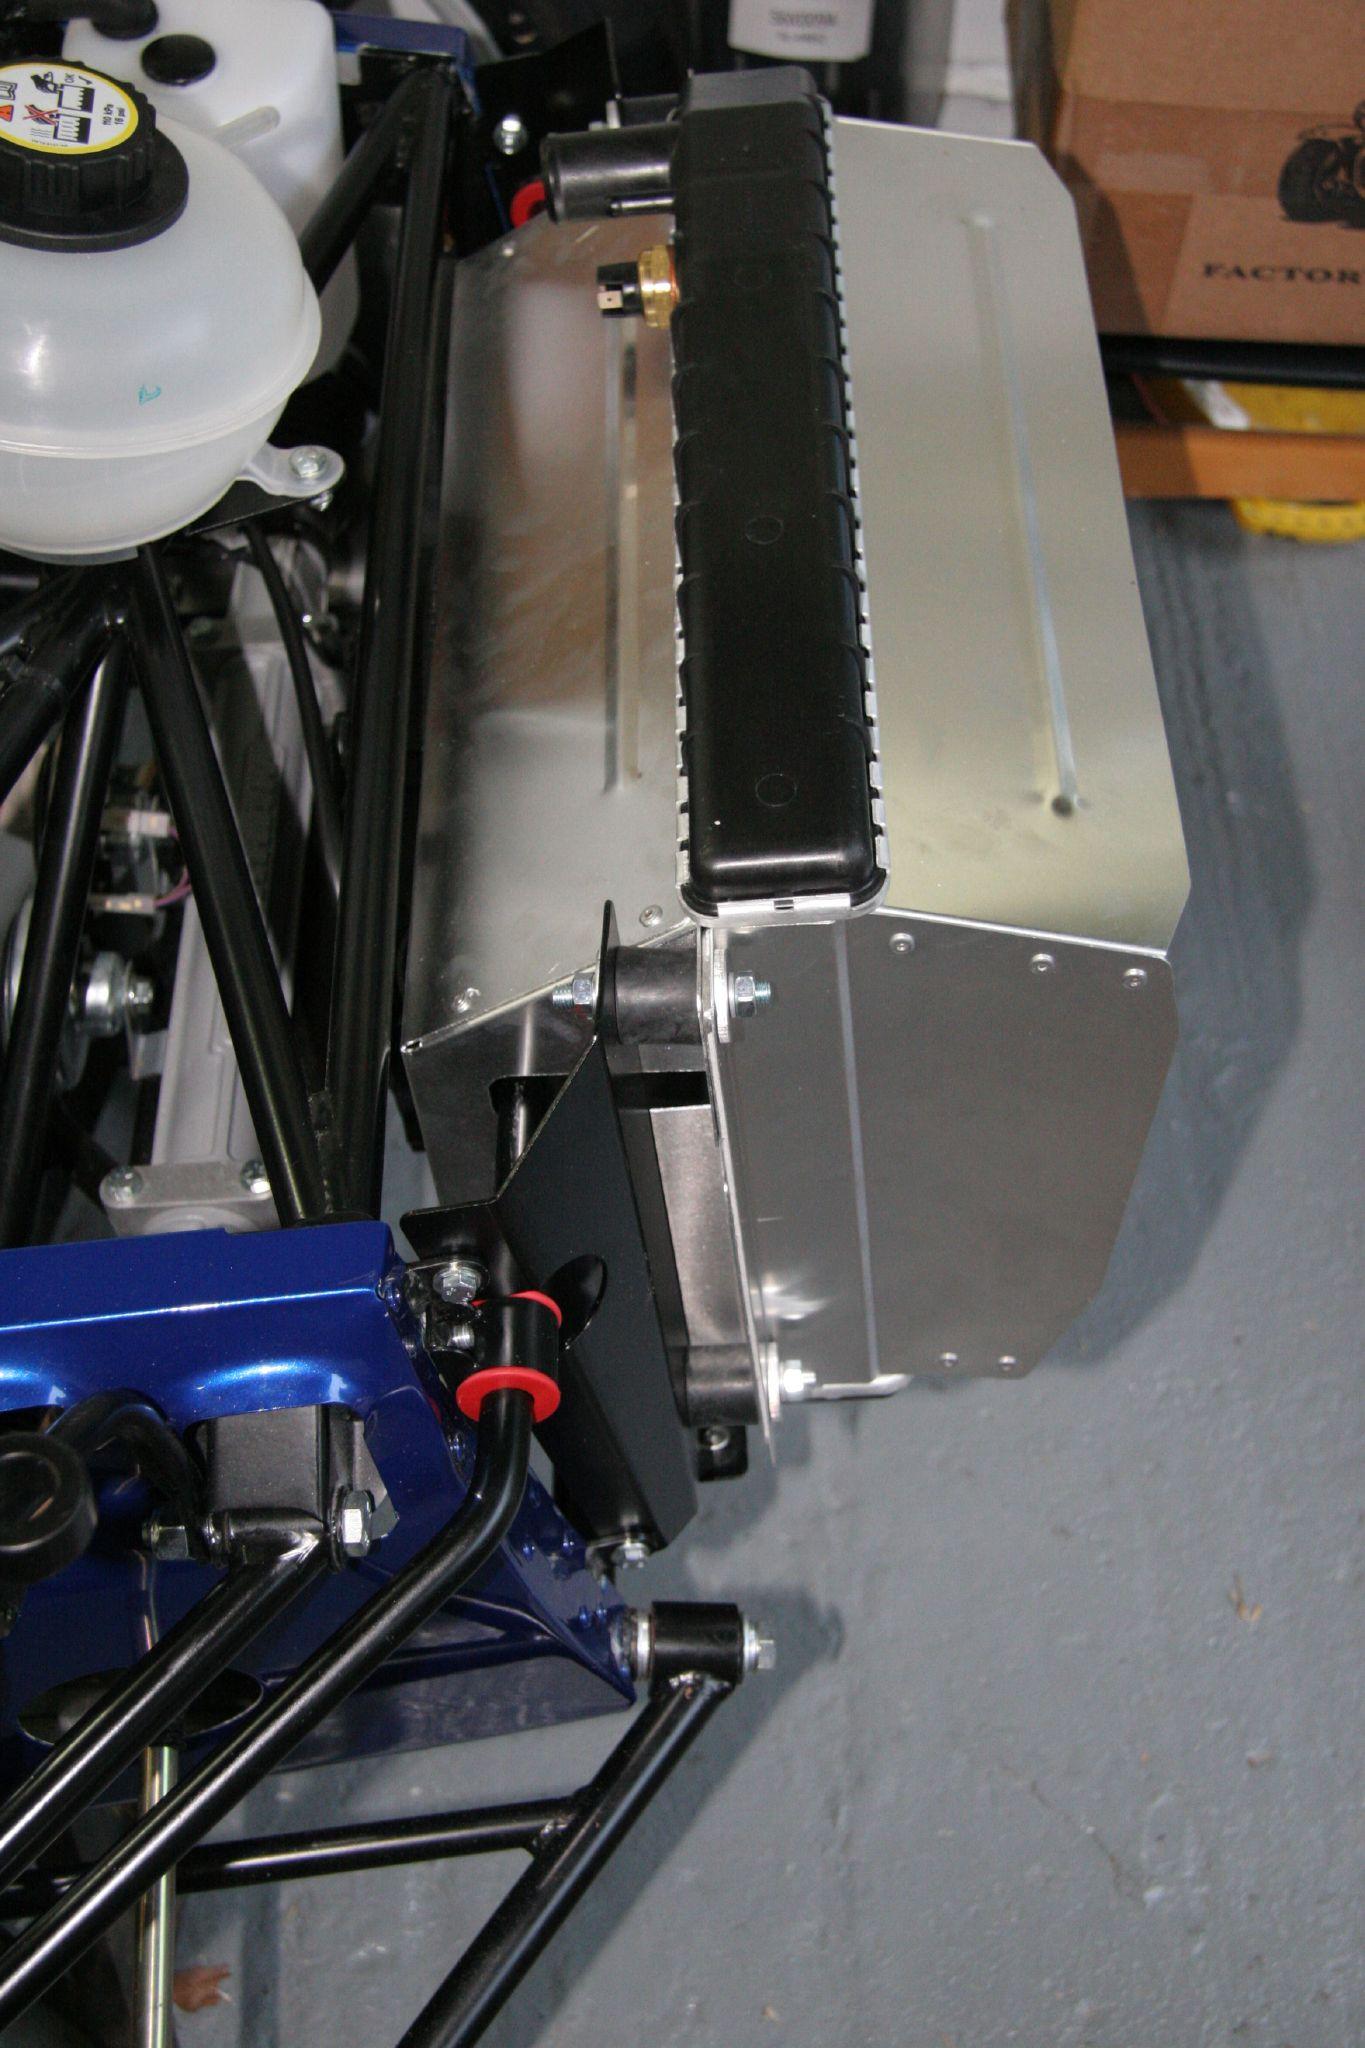 Image result for Radiator flickr